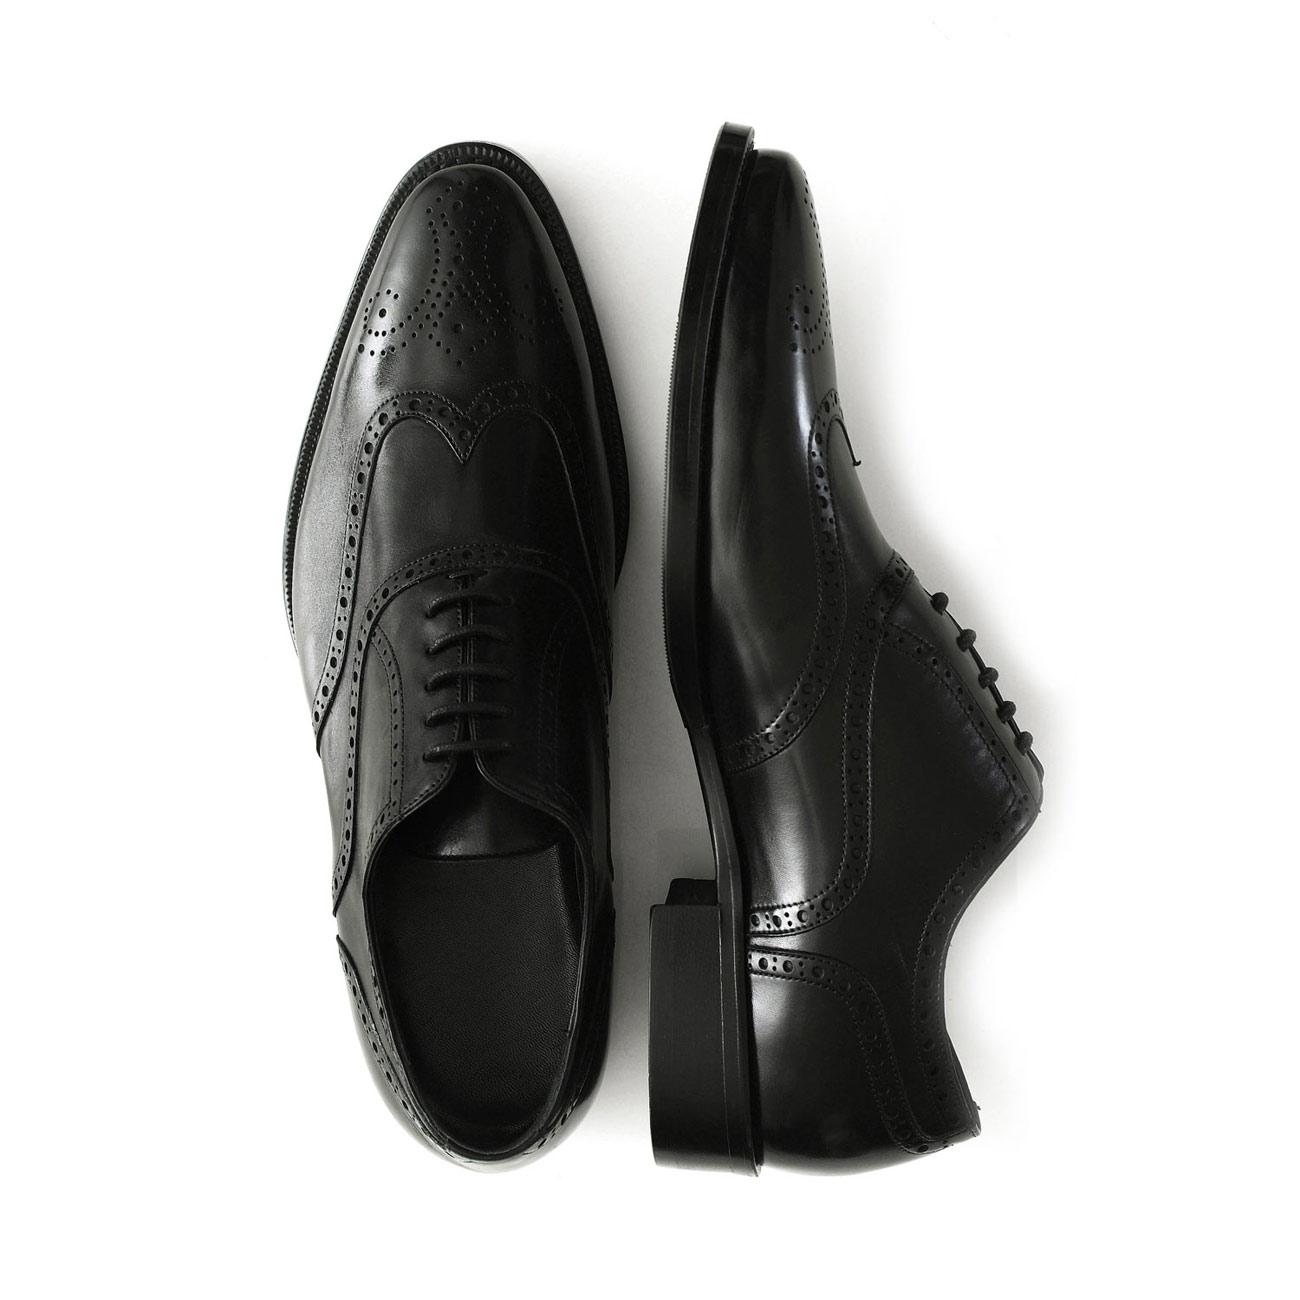 高档手工皮鞋